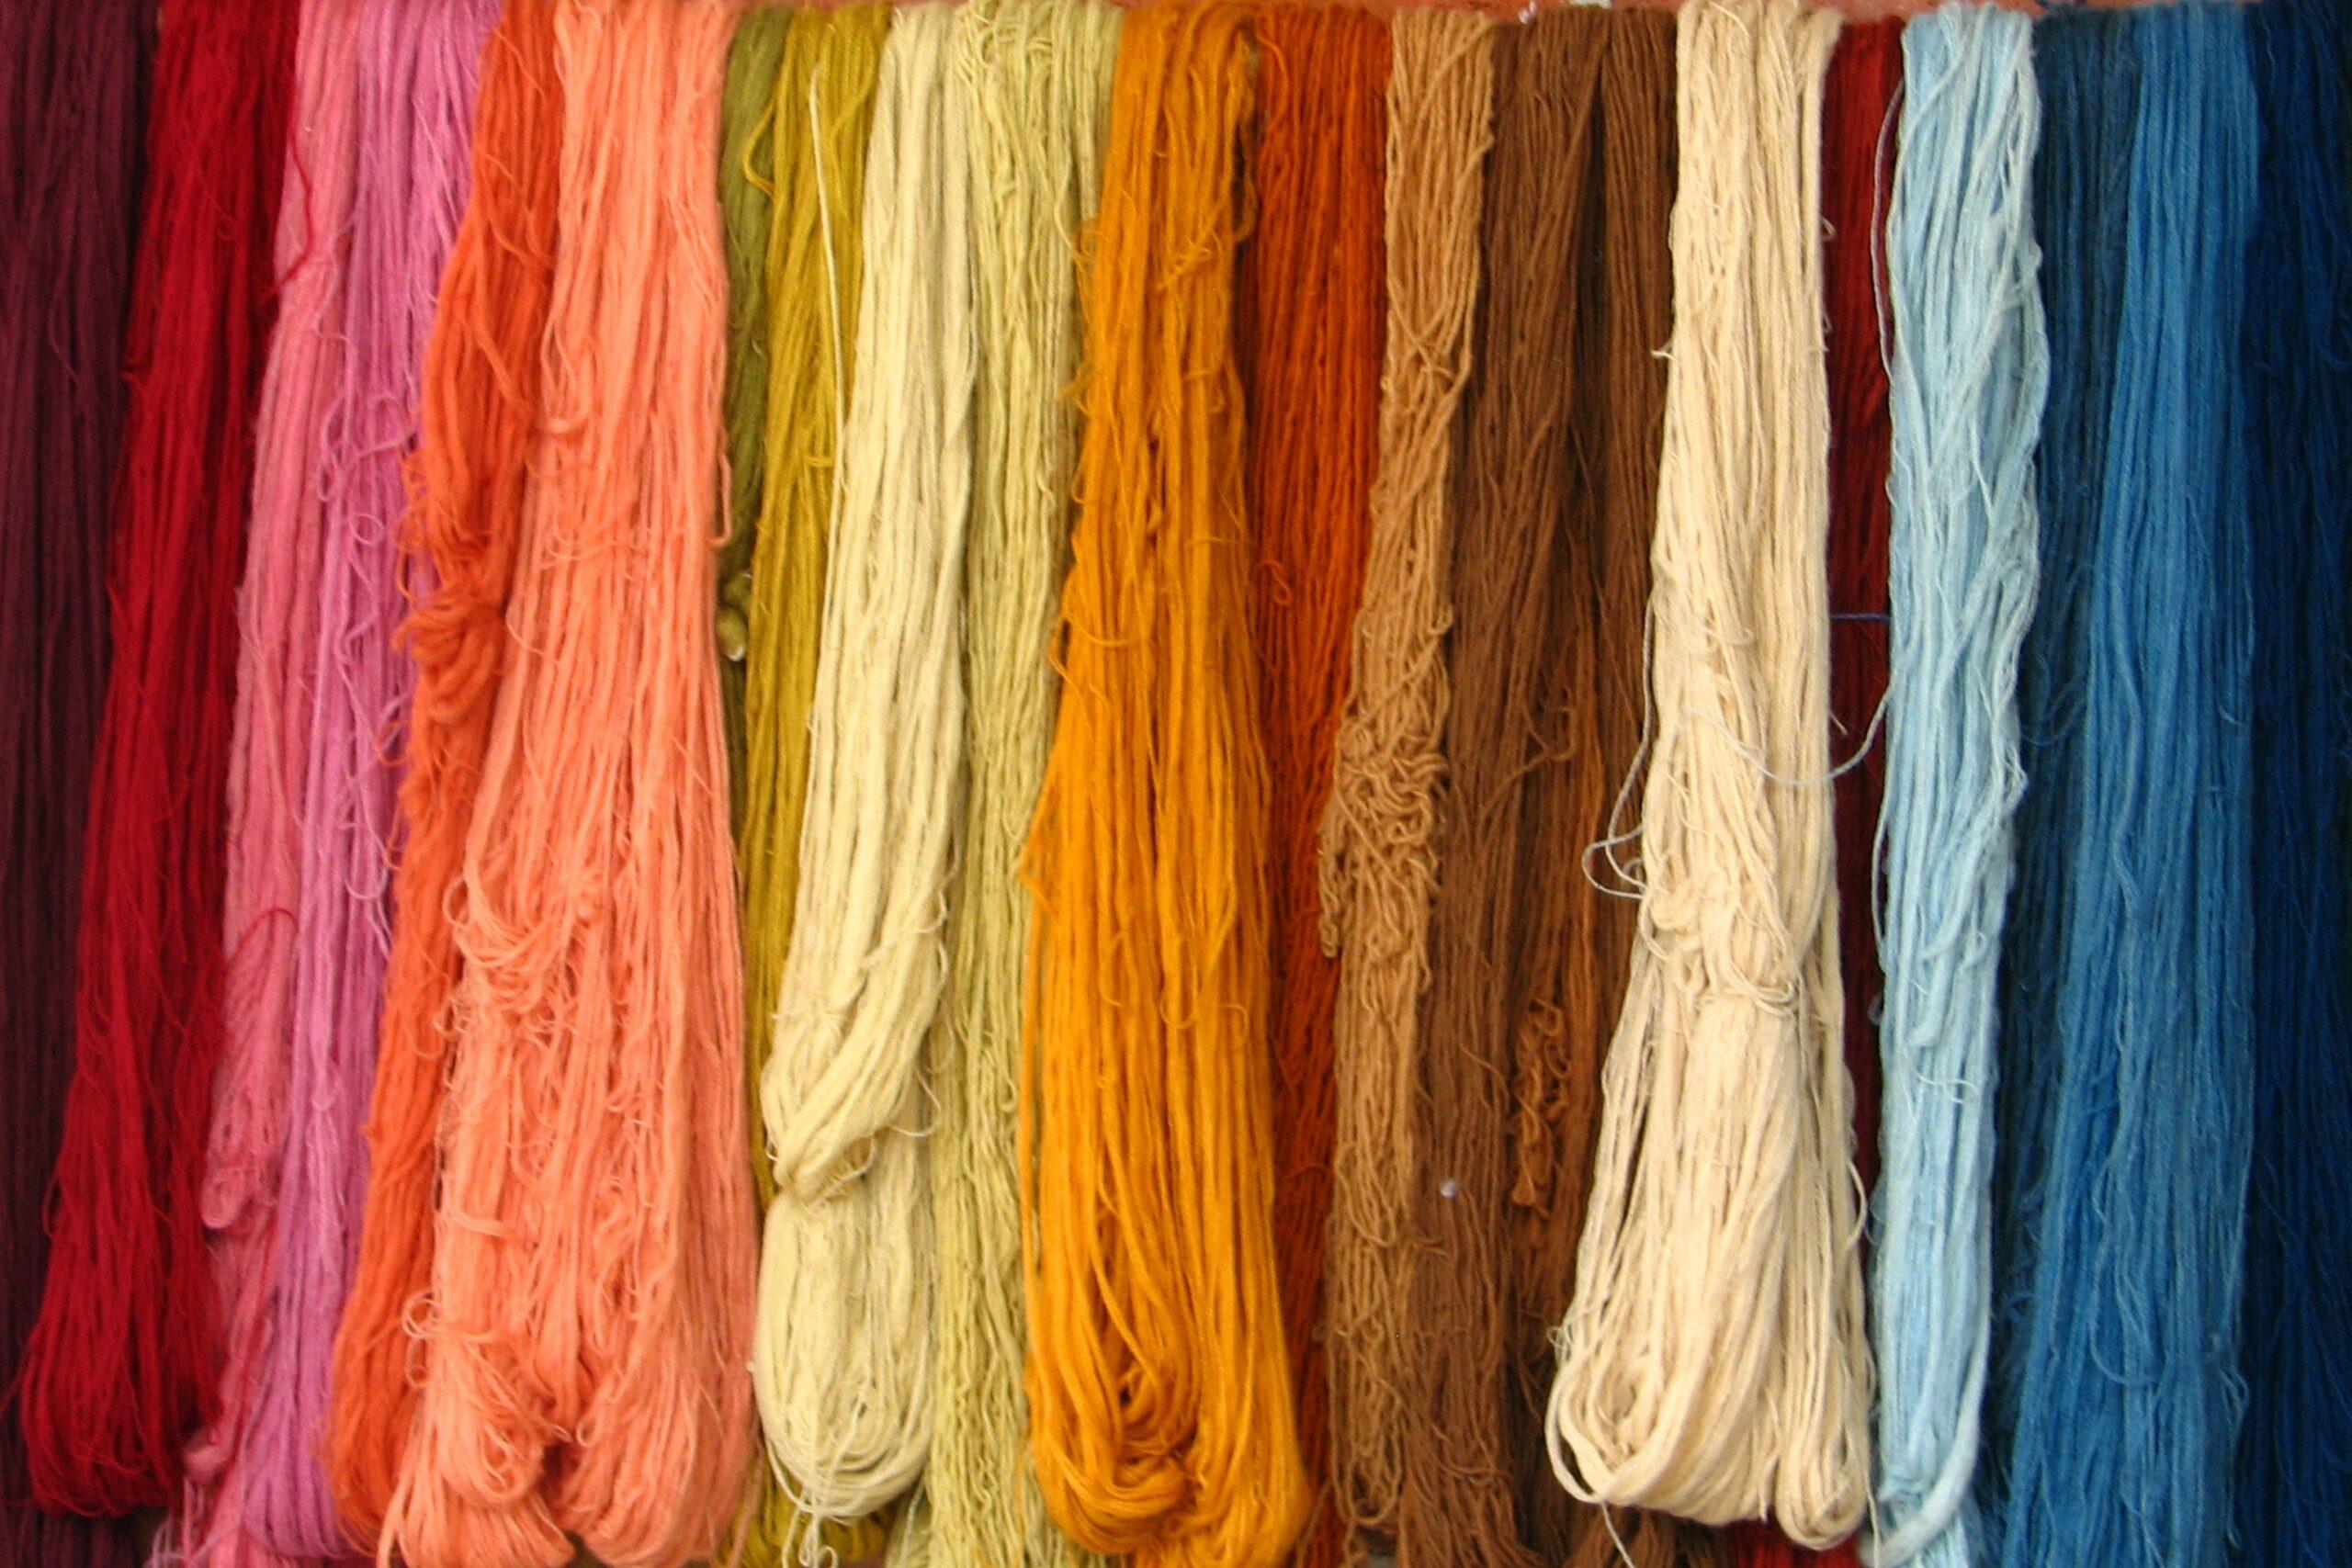 40年紡織品牌啟動數位轉型   實現零庫存、零空運、零呆帳